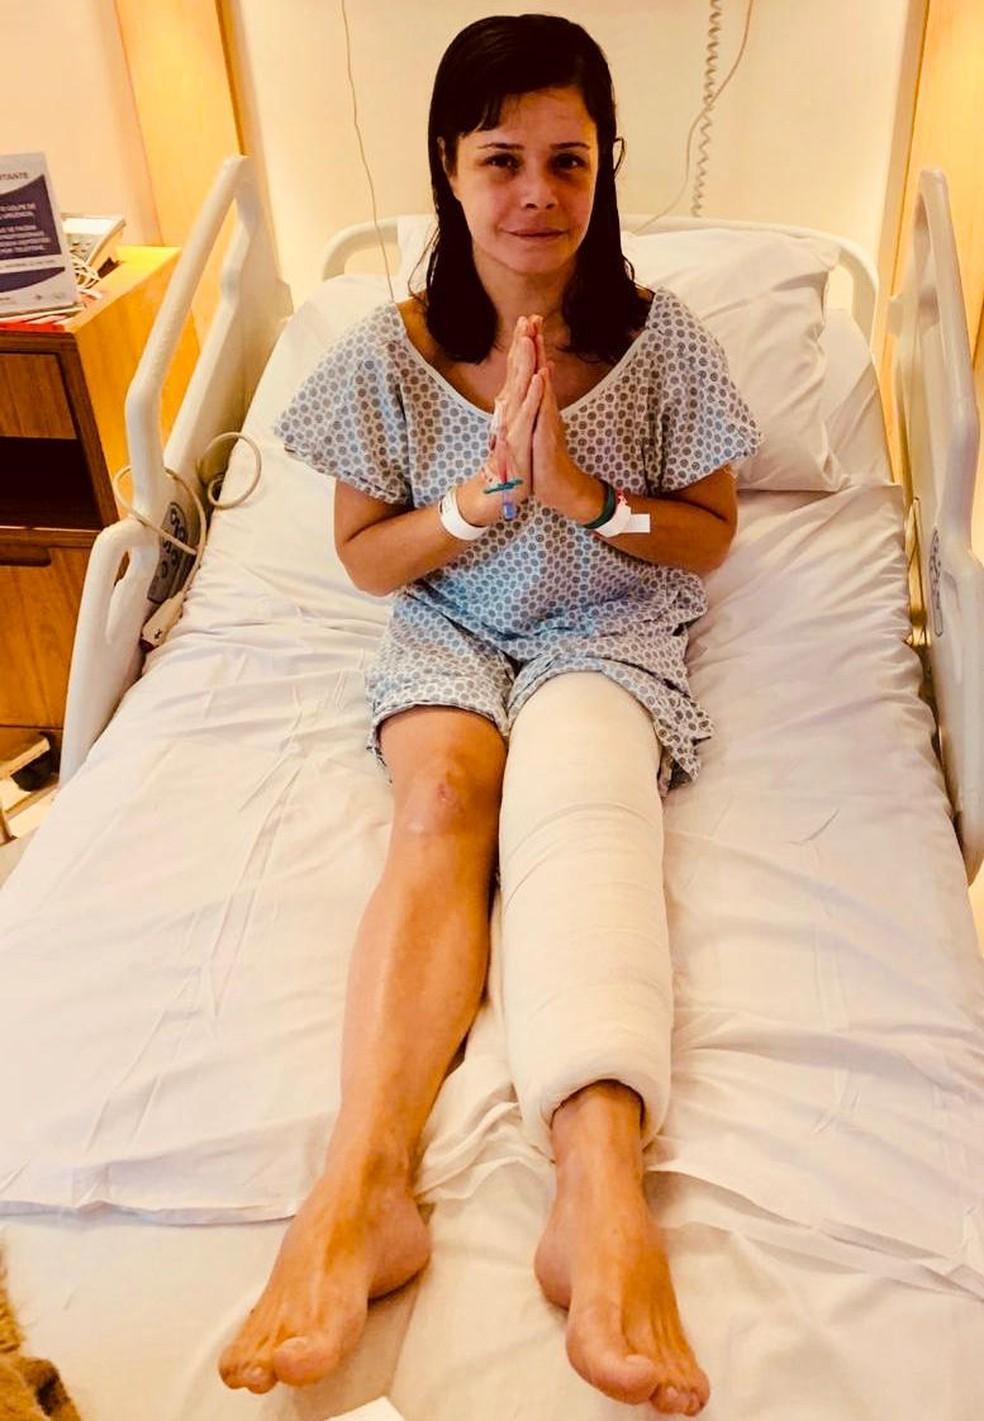 Médica Ticyana Ferreira D'Azambuja Ramos foi submetida a cirurgia após agressões — Foto: Divulgação